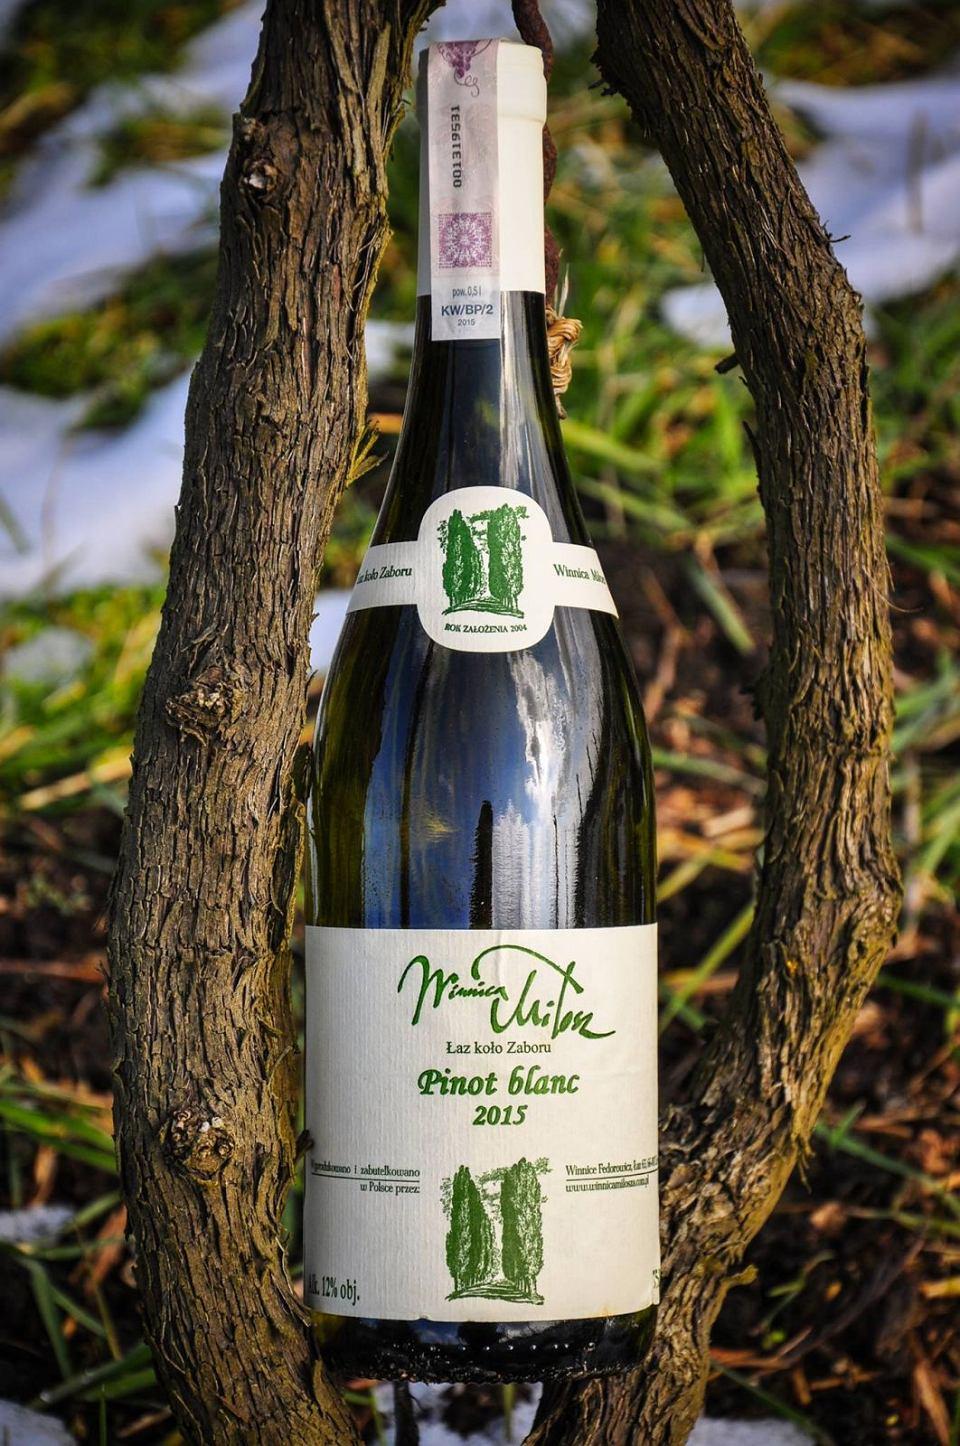 Zdjęcie numer 4 w galerii - Dobre polskie wina naprawdę istnieją, choć budzą kontrowersje. Głównie ze względu na cenę